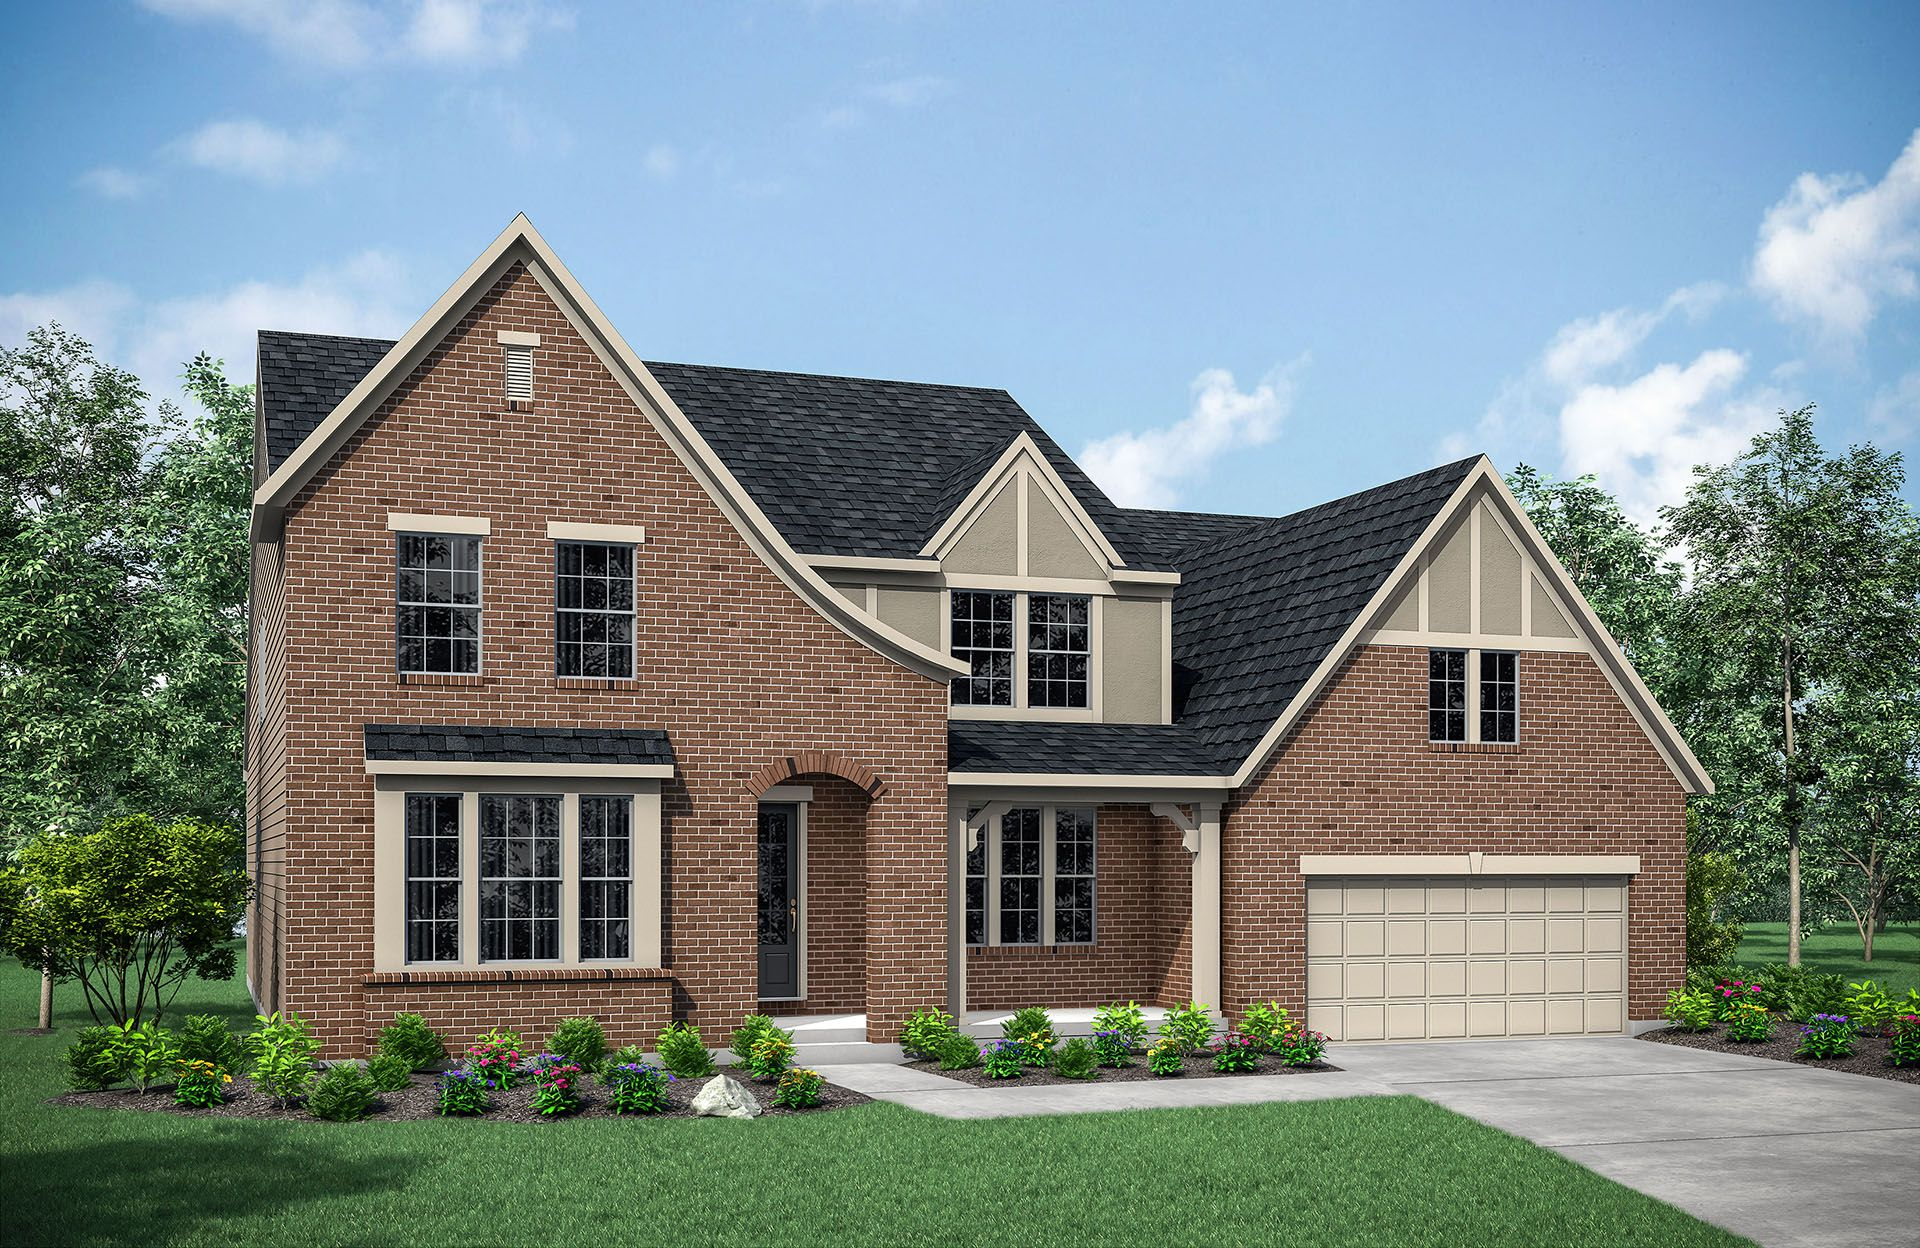 单亲家庭 为 销售 在 Triple Crown - Crestwood 3996 Aria Ct Union, Kentucky 41091 United States